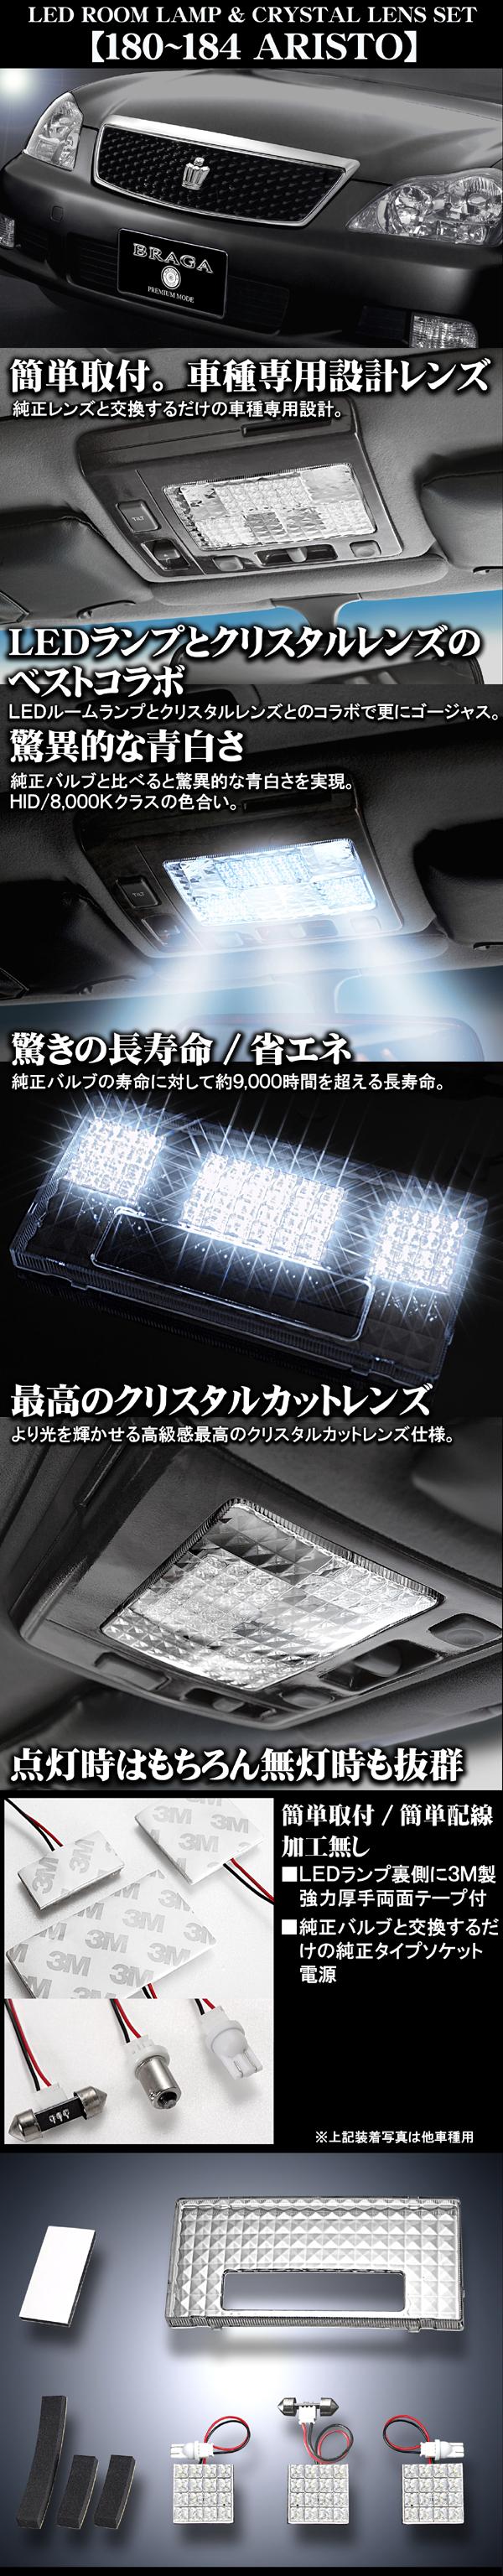 【180/181/182/183/184クラウン《後期》[ノーマル車]LEDルームランプ+クリスタルレンズ《4点セット/LED合計48発》取付パーツセット】